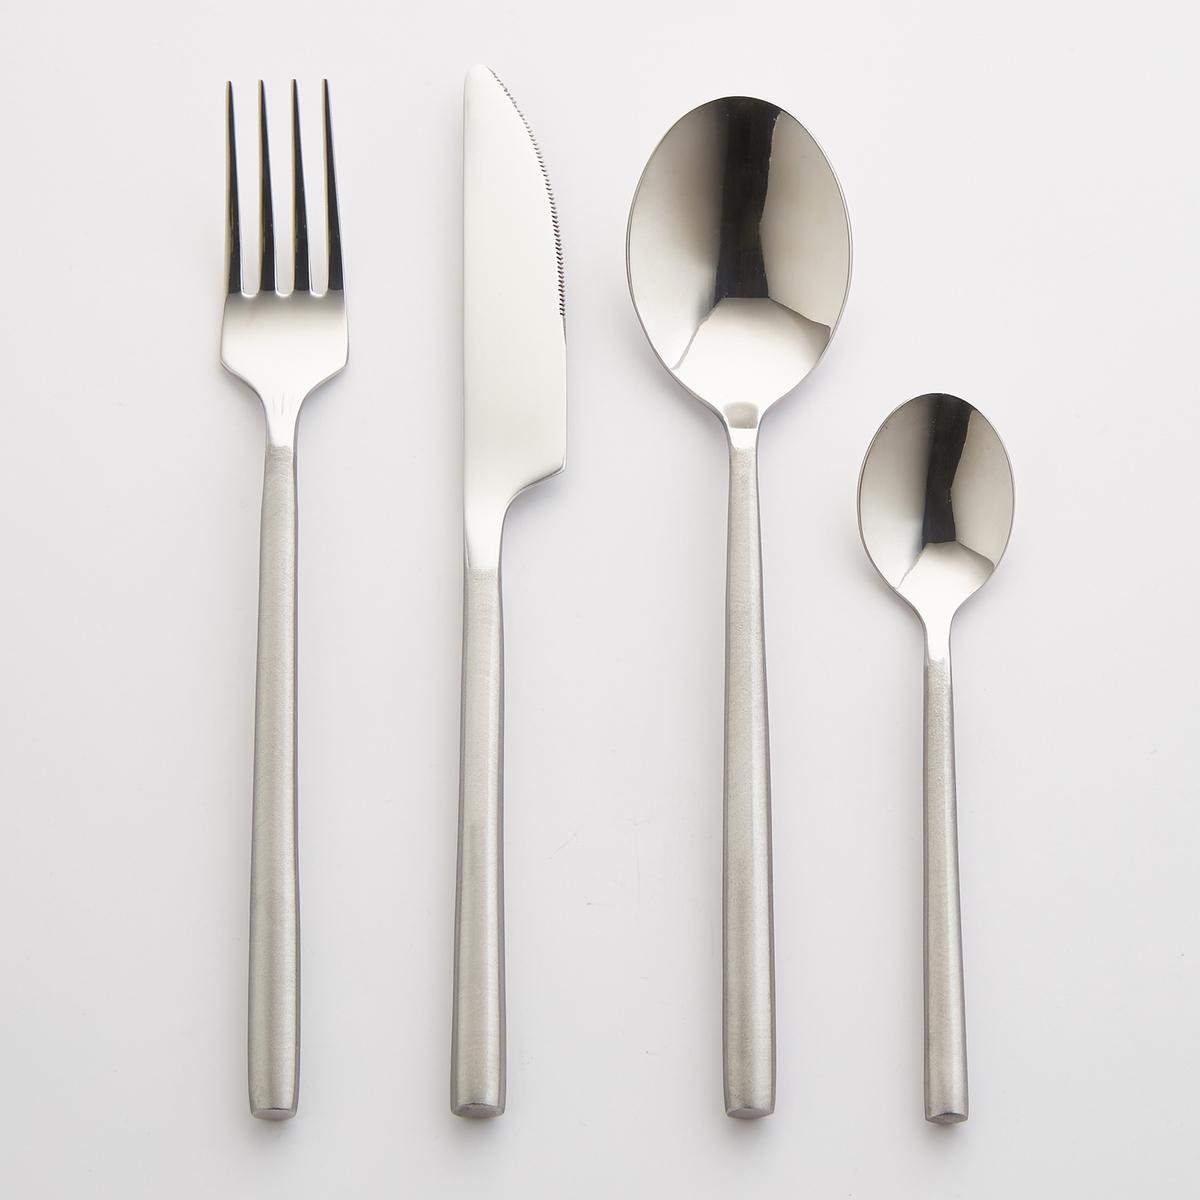 Комплект из 4 ножей из нержавеющей стали Concetti4 ножа Concetti. Из нержавеющей стали, ручка с матовой отделкой. Толщина 3,5 мм. Можно мыть в посудомоечной машине.<br><br>Цвет: стальной<br>Размер: единый размер